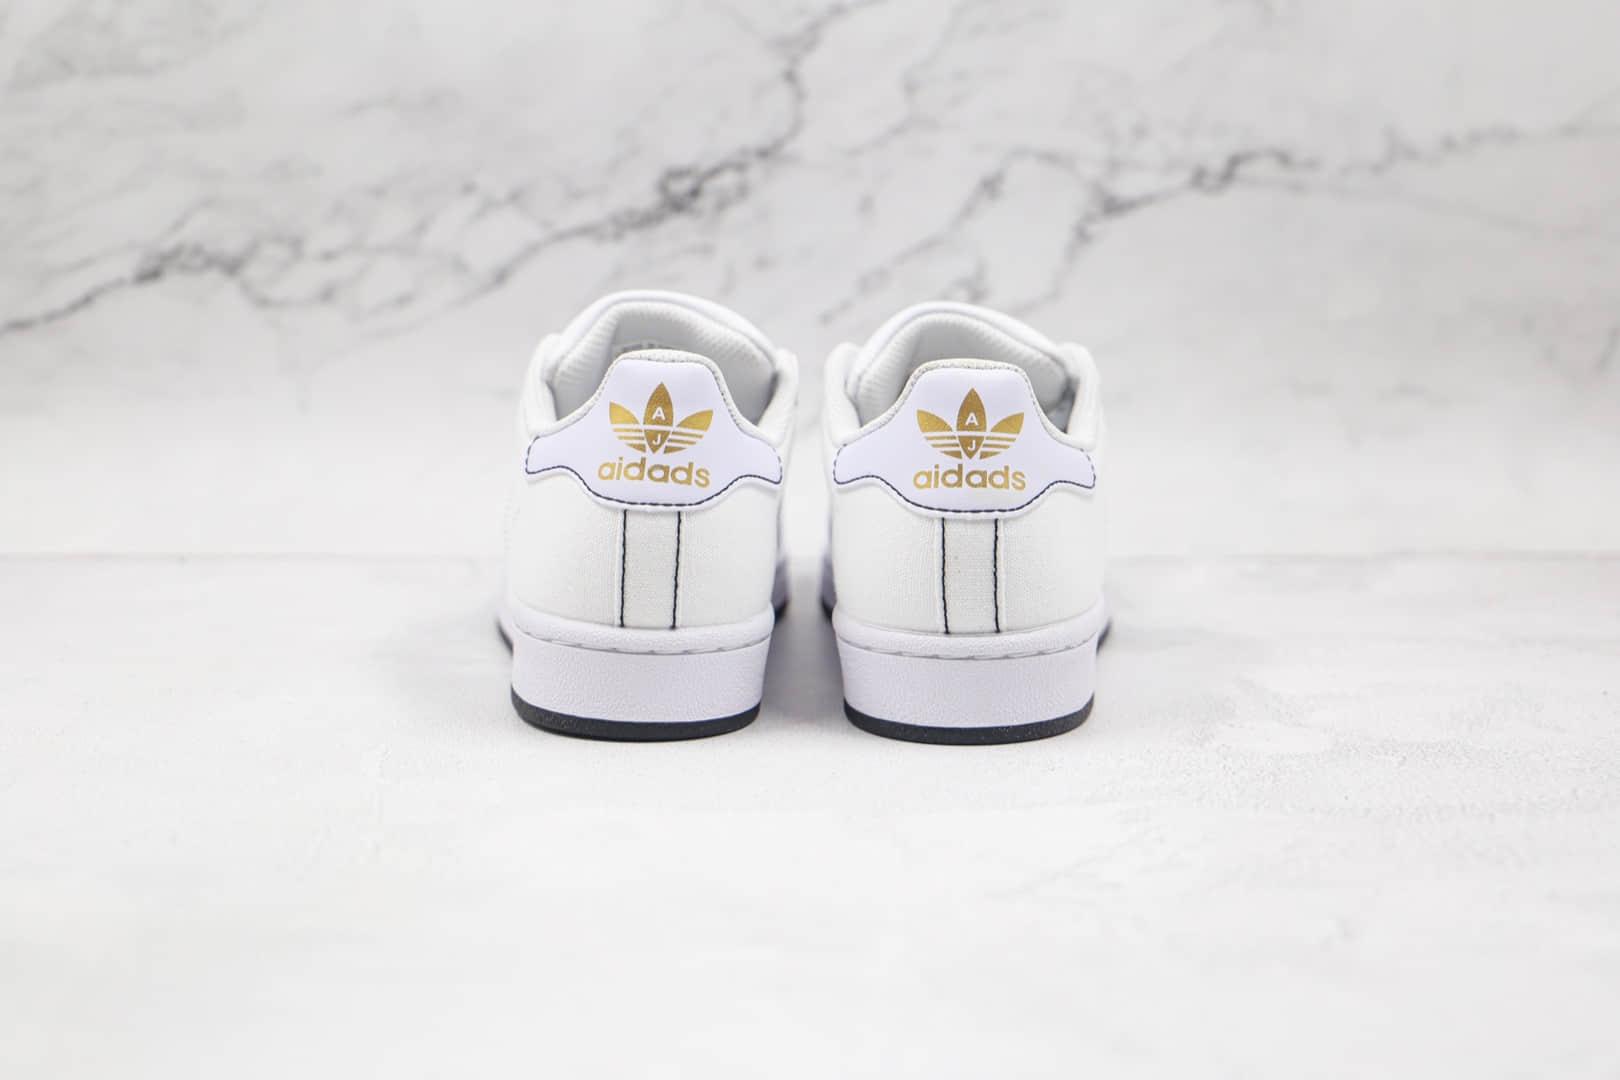 阿迪达斯adidas Originals Superstars纯原版本三叶草贝壳头帆布板鞋白黑缝线区别市面通货 货号:AJ7924